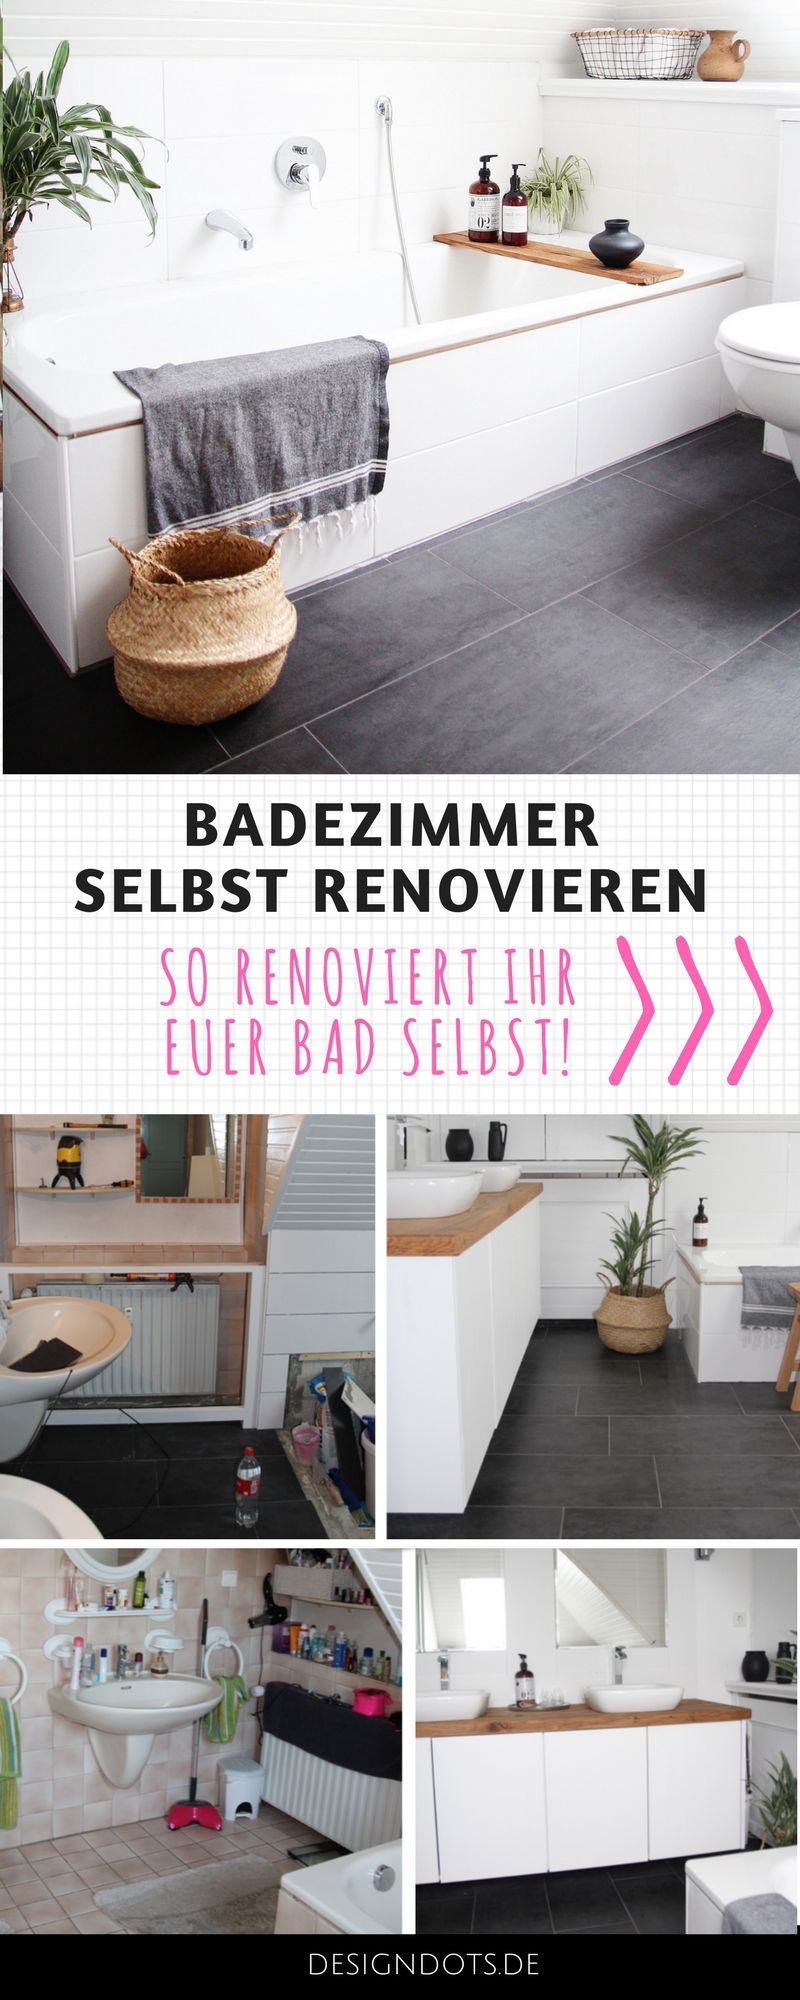 Badezimmer selbst renovieren: vorher/nachher | Vorher nachher bilder ...